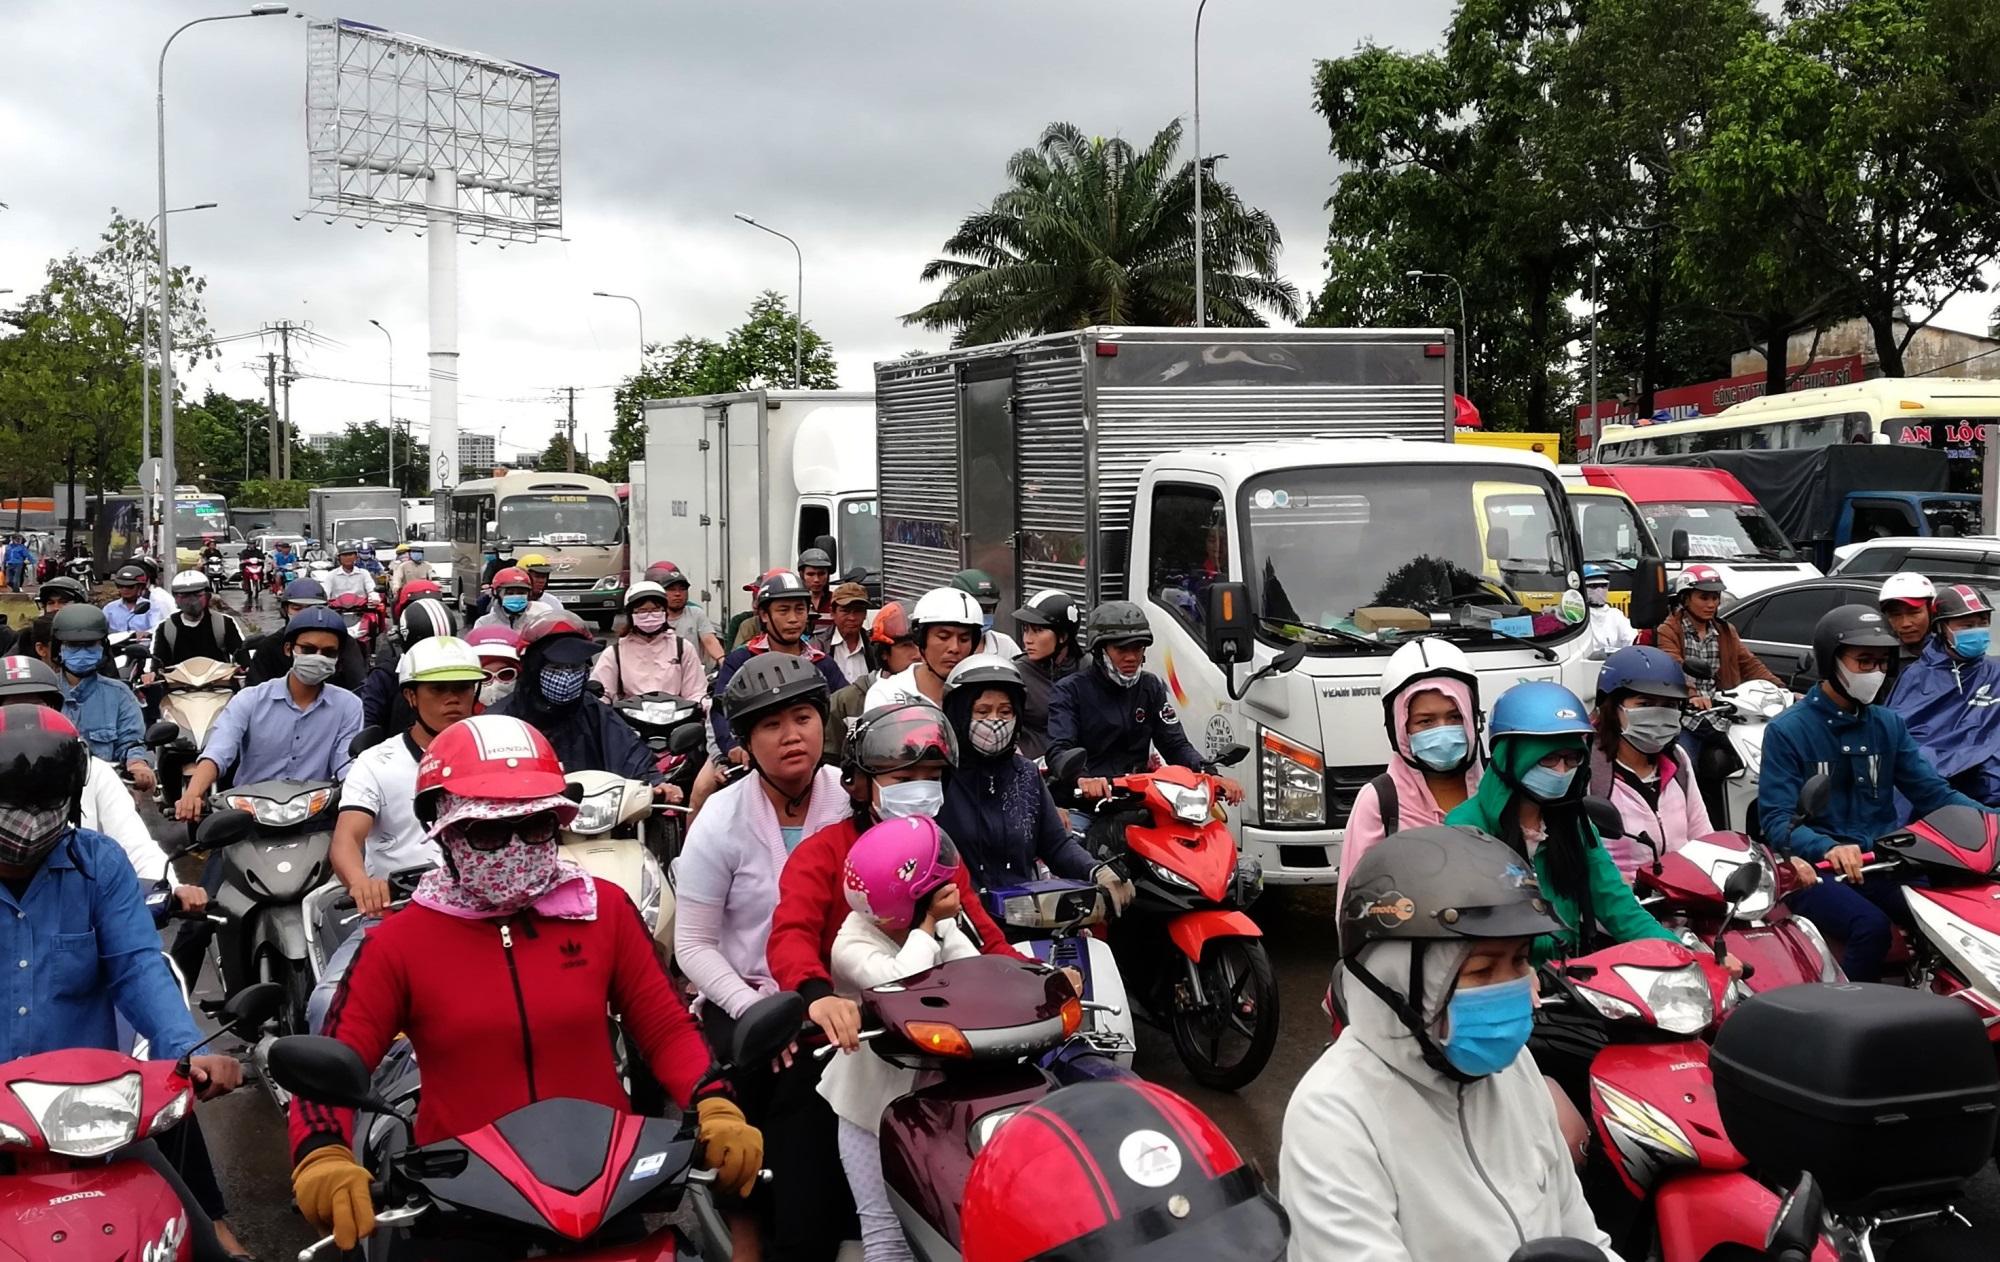 Sau một đêm tơi tả trong bão lịch sử, người Sài Gòn tiếp tục thở không ra hơi vì ngập nước kẹt xe nhiều giờ - Ảnh 3